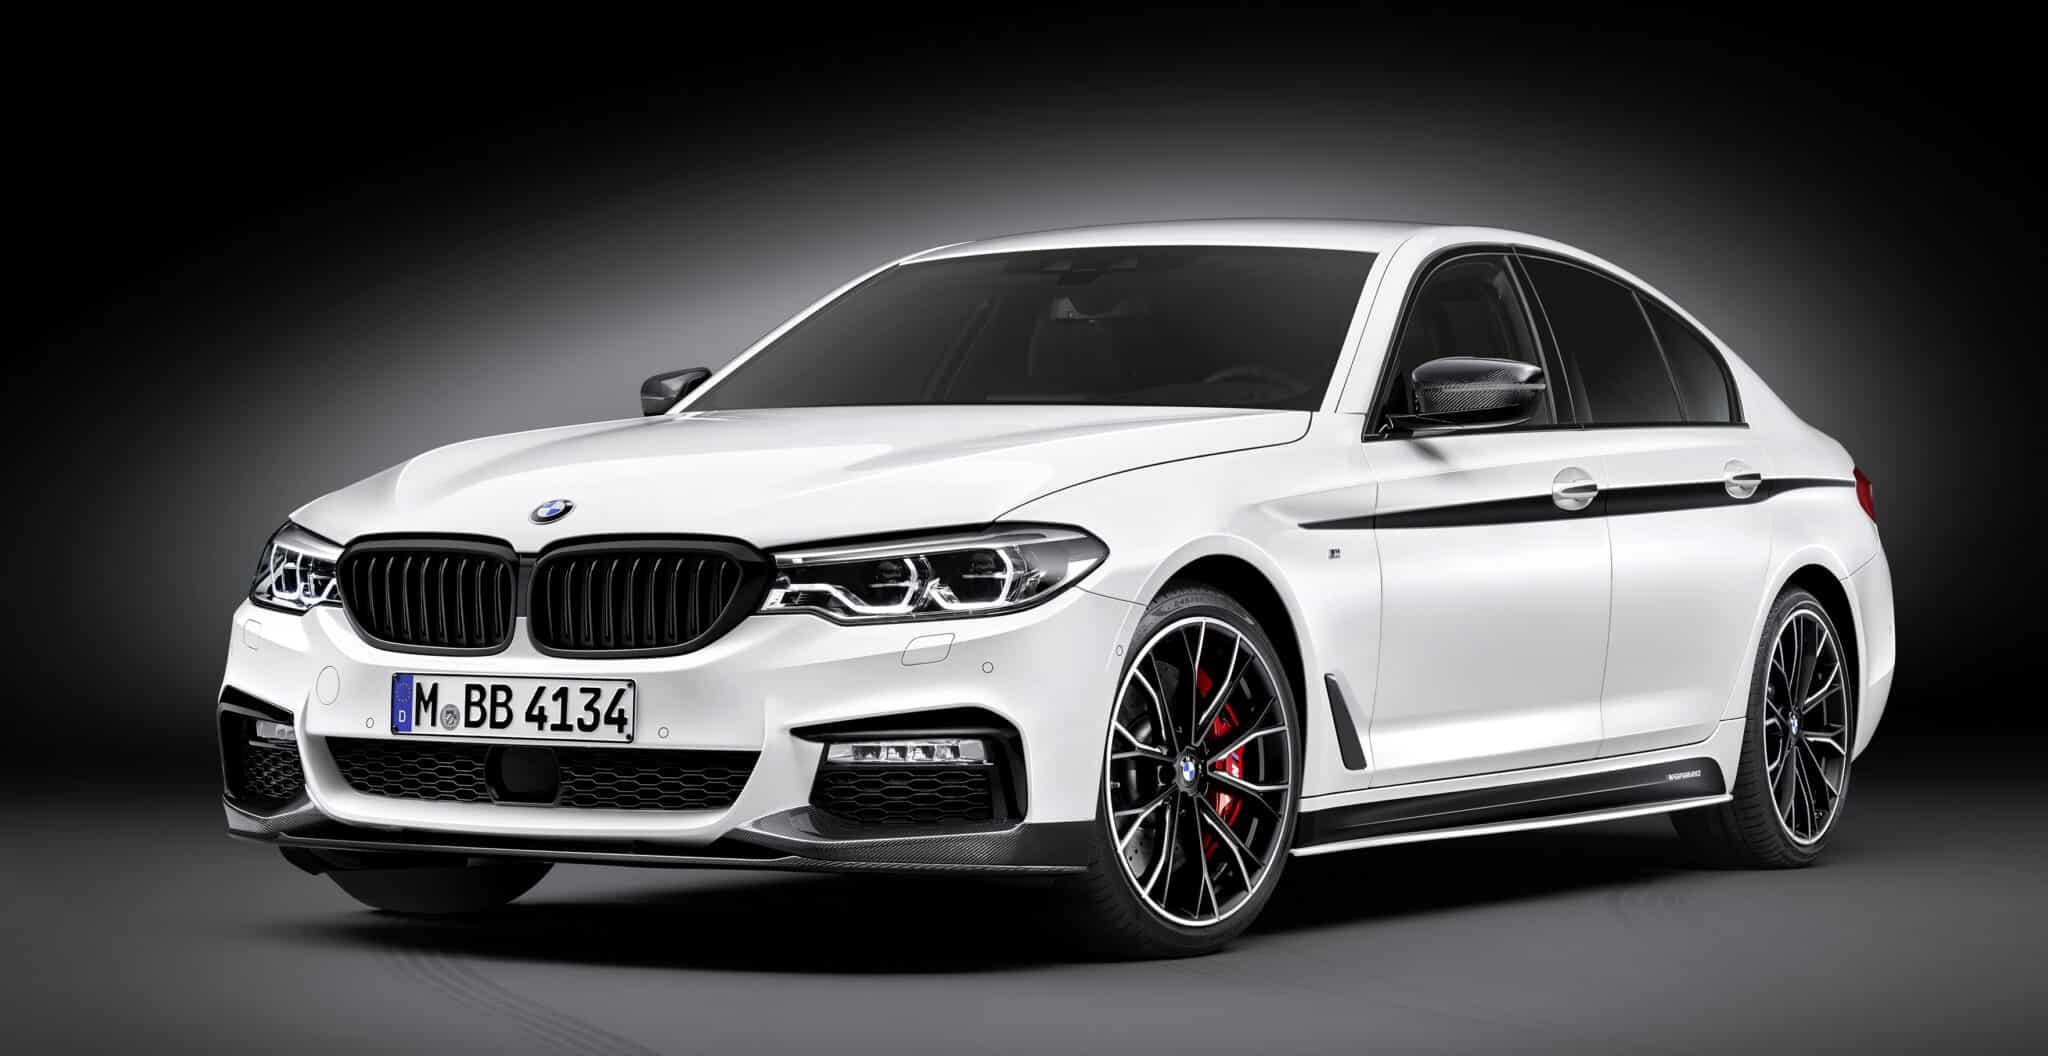 El aperitivo del BMW M5 es este paquete M Performance ¡La berlina bávara más salvaje!